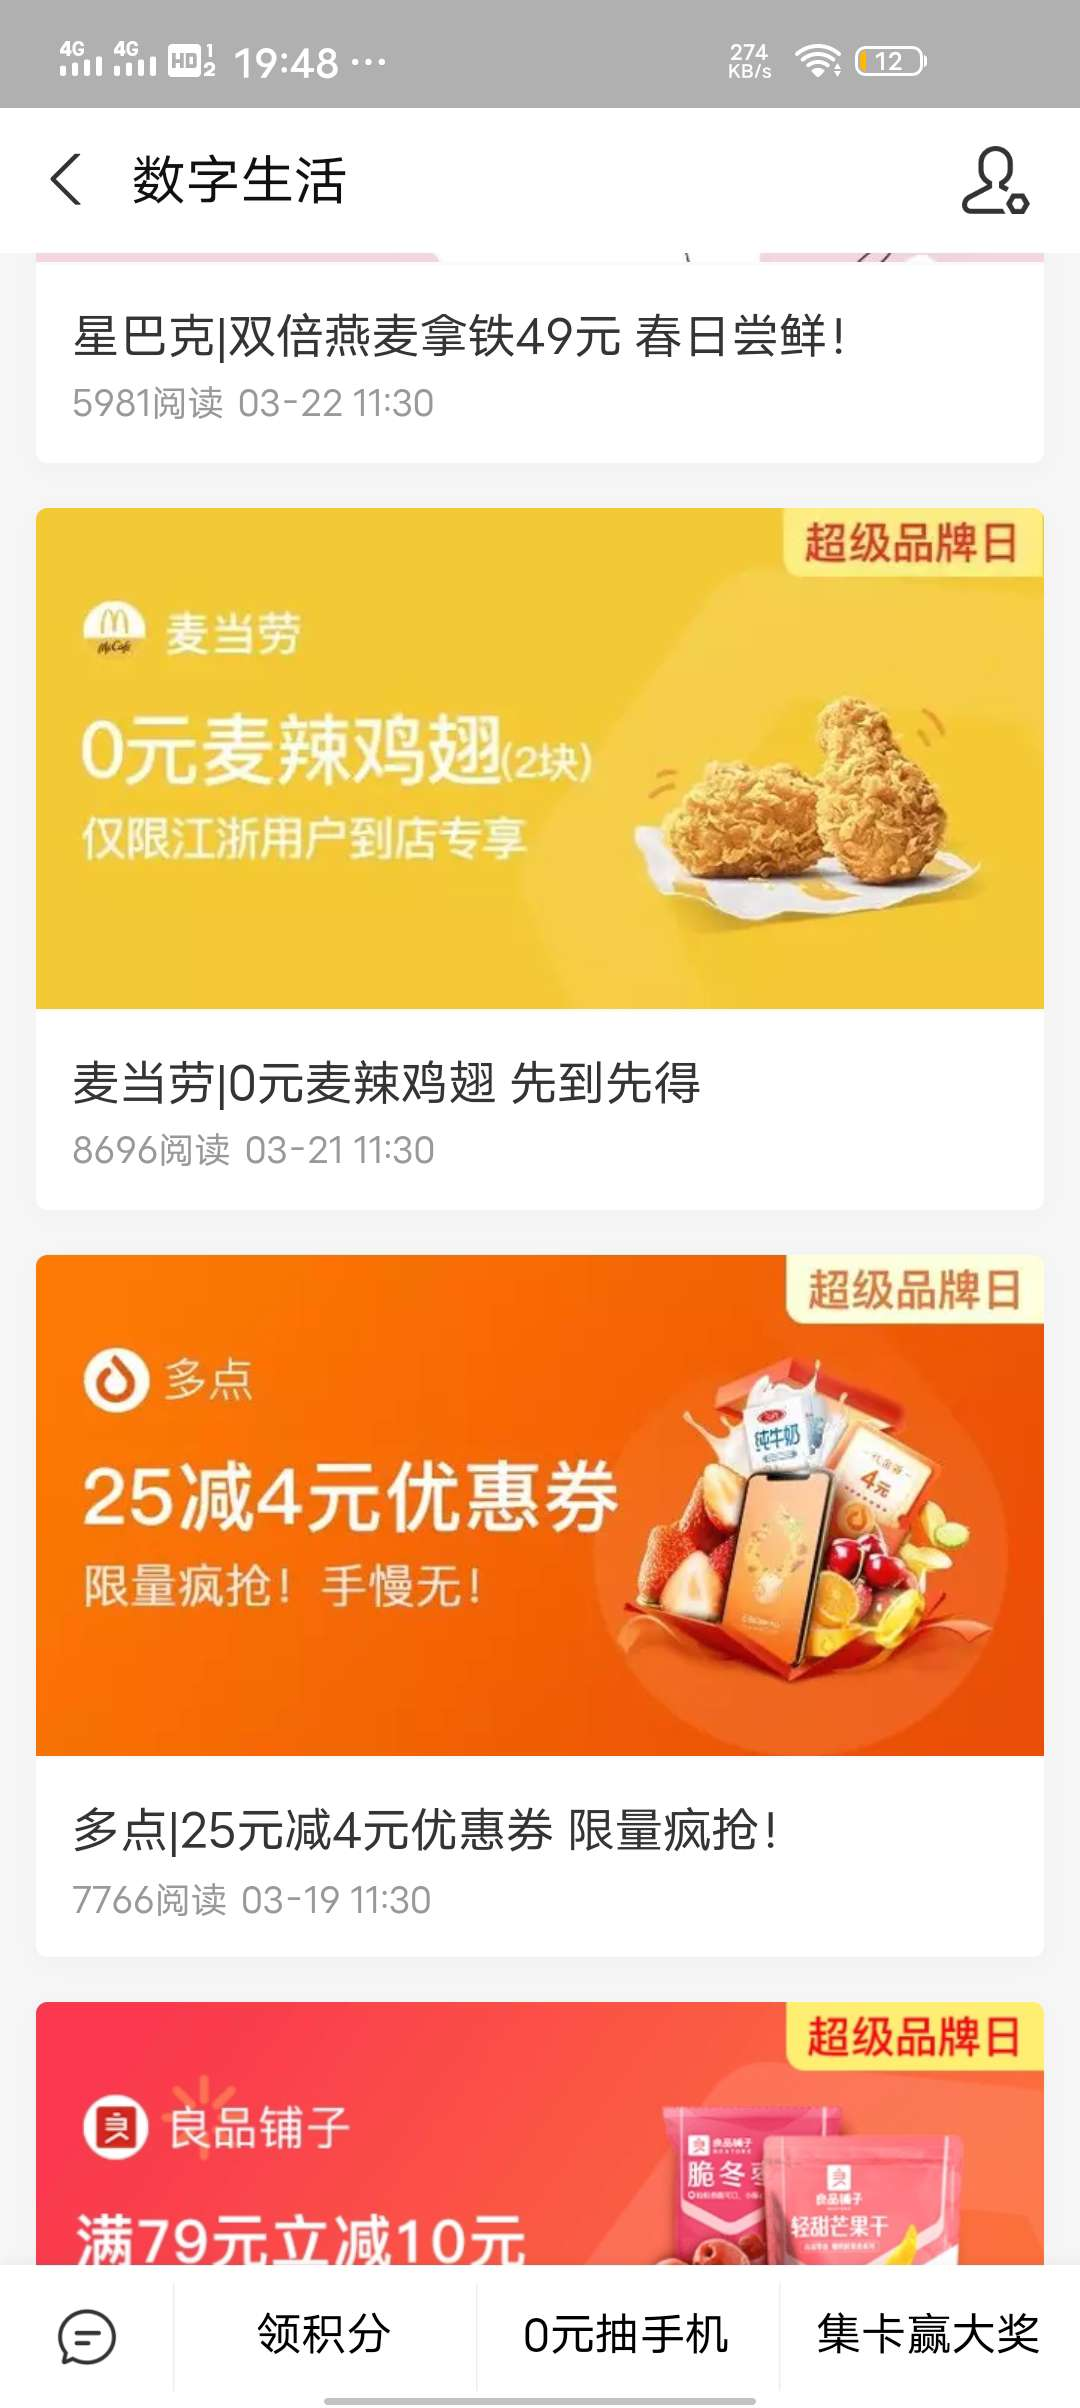 支付宝app仅限江浙地区领2快鸡翅